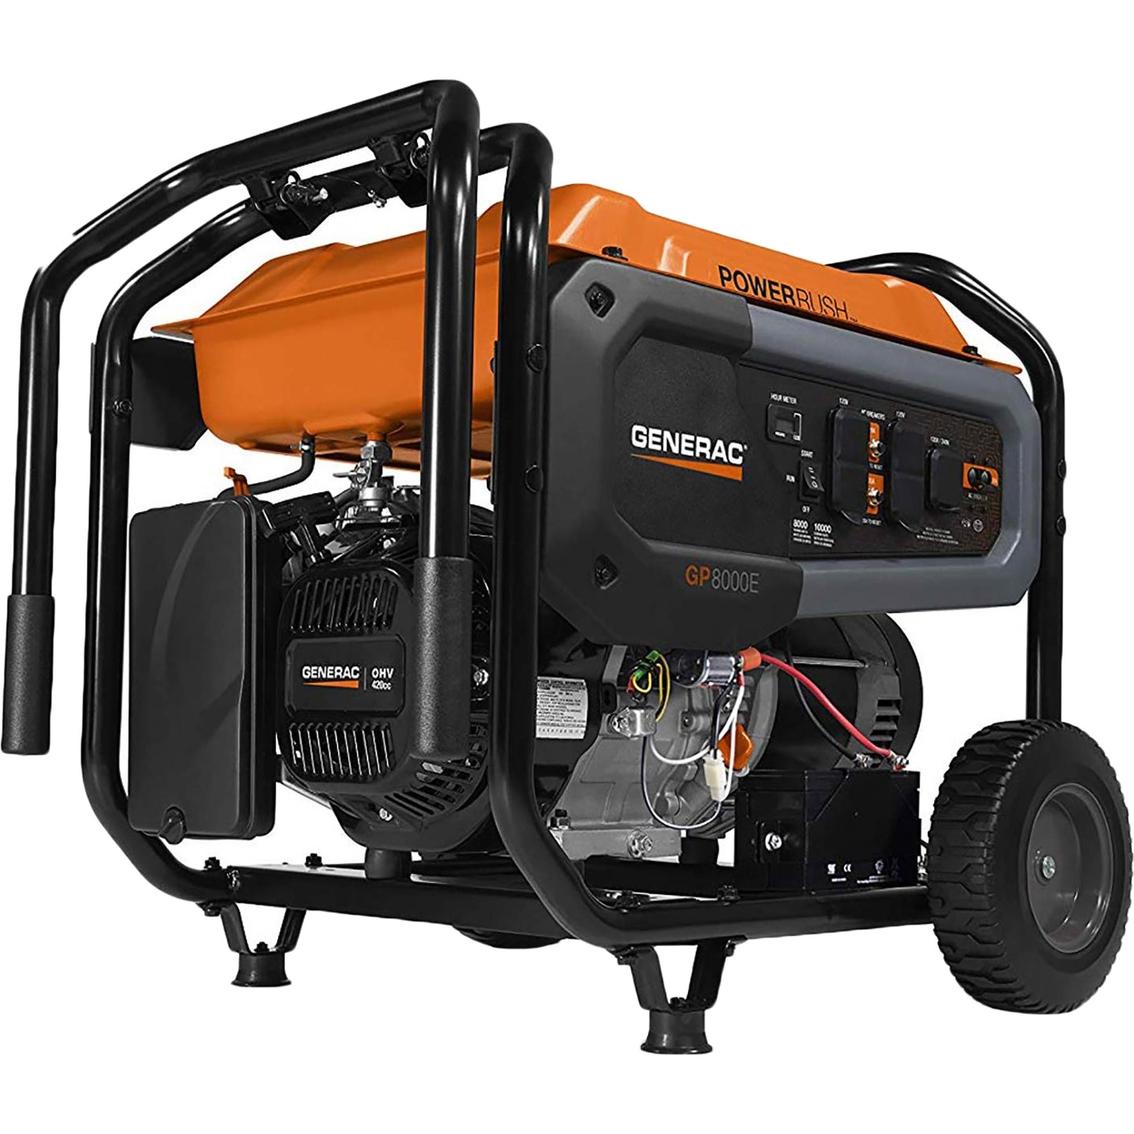 Generac Portable 8000w Generator   Generators   More ...